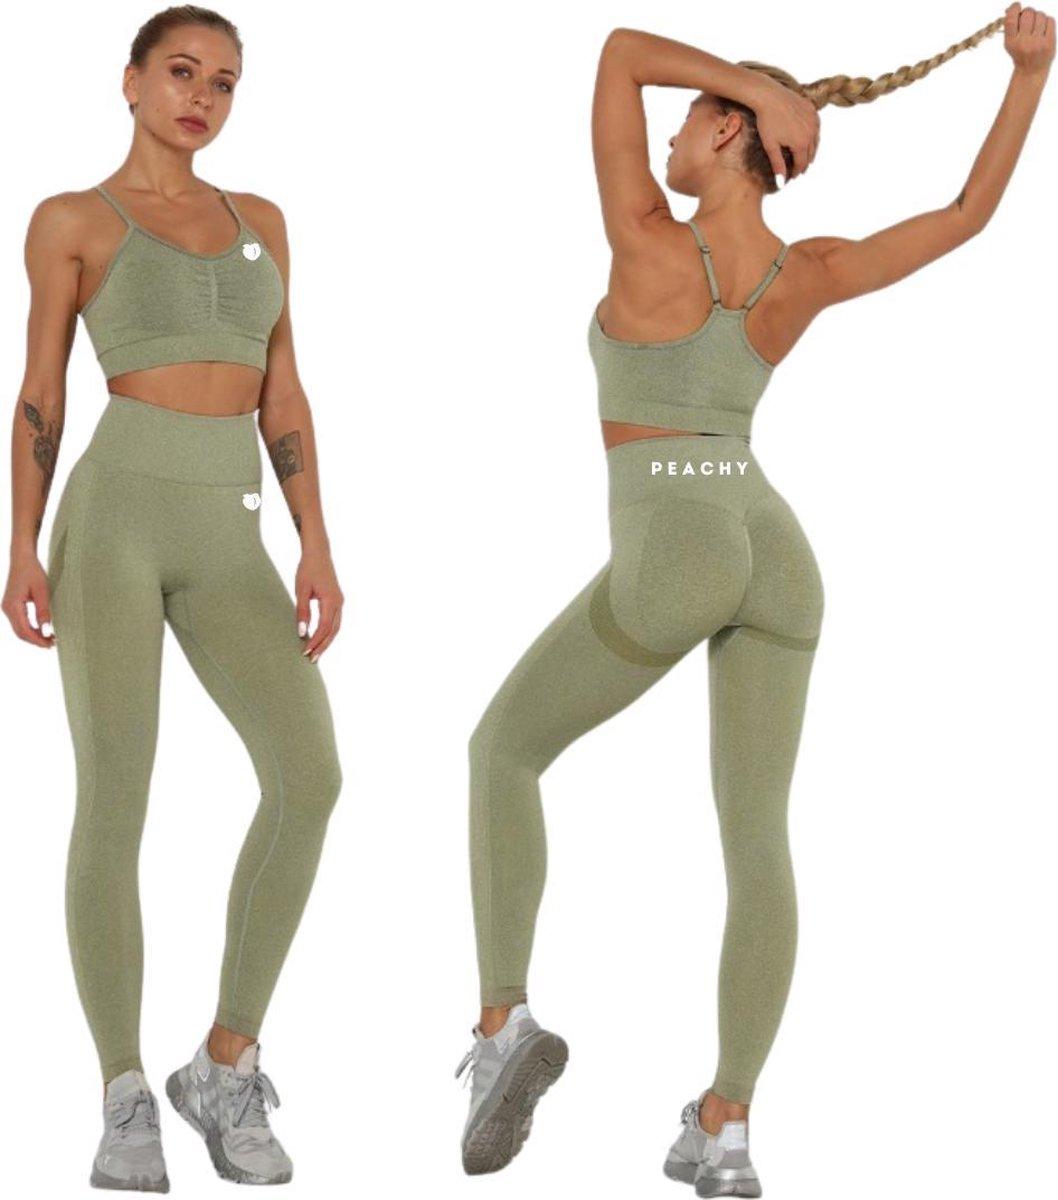 Peachy  Sportlegging en Top - Yoga - Fitness set - Scrunch Butt - Dames Legging - Sportkleding - Fas